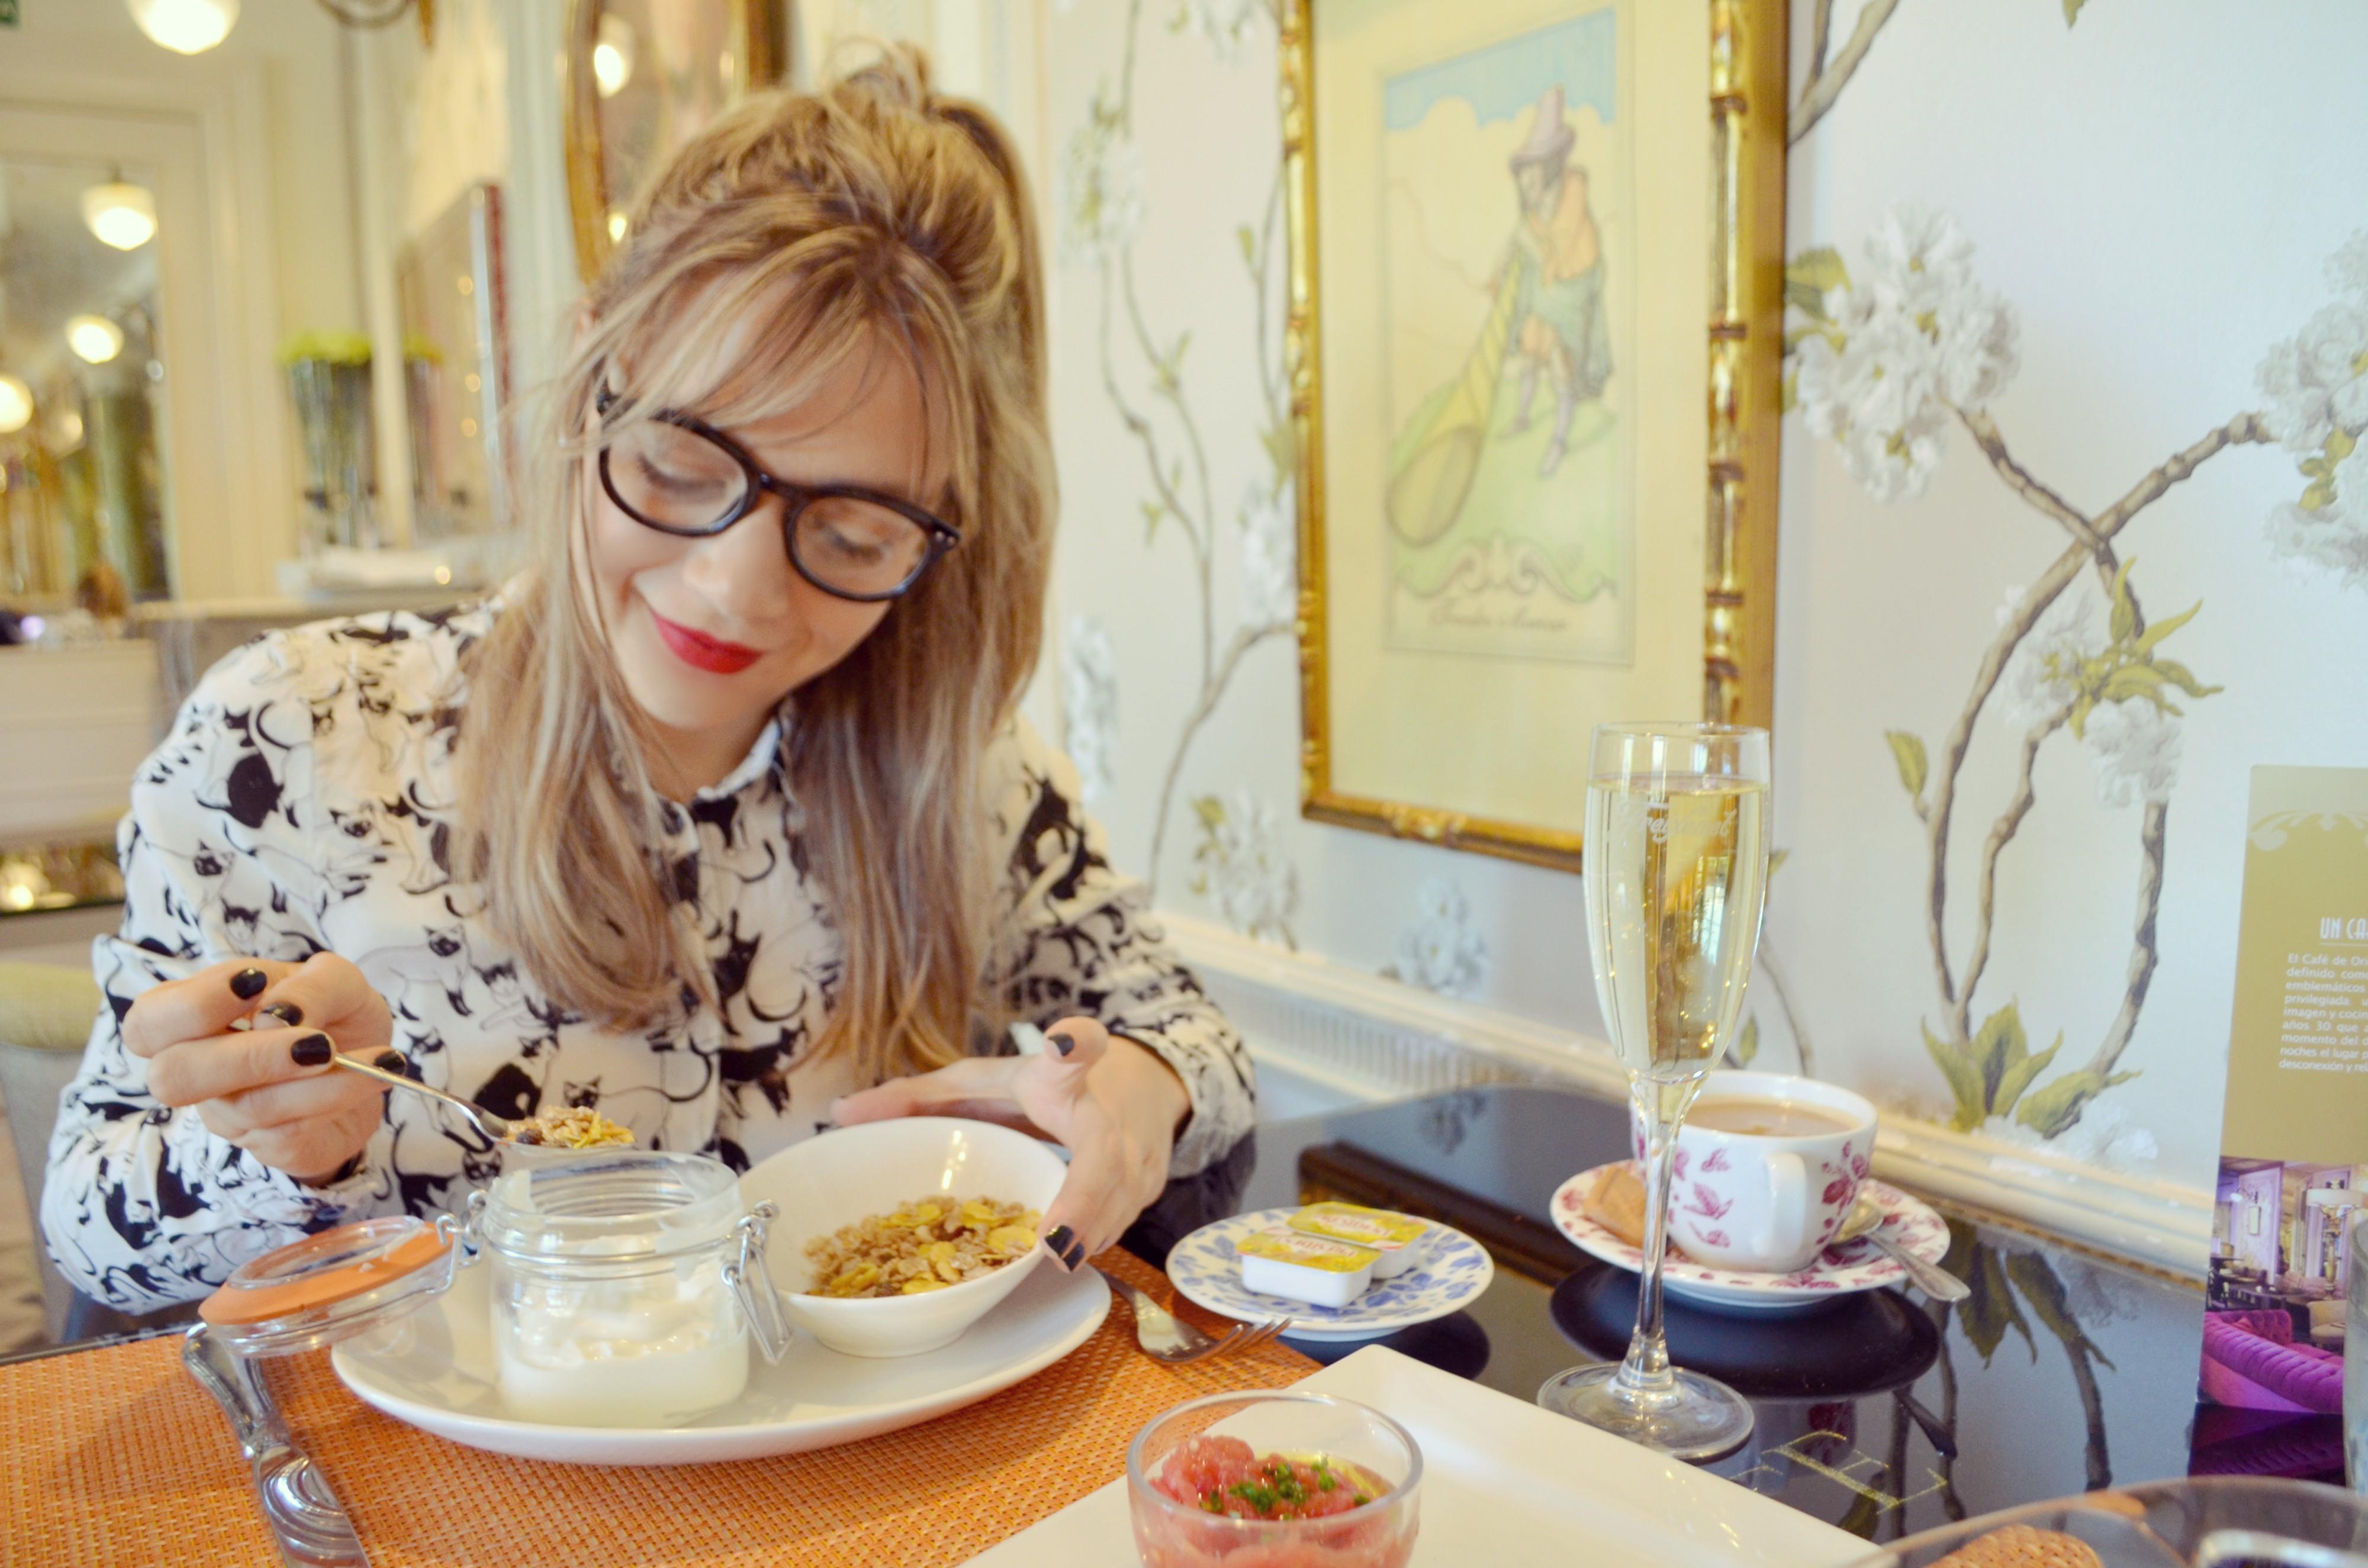 Blog-de-moda-brunch-cafe-de-oriente-fashionista-trendy-style-cereales-para-desayunar-mejores-cafes-de-Madrid-PiensaenChic-Piensa-en-Chic